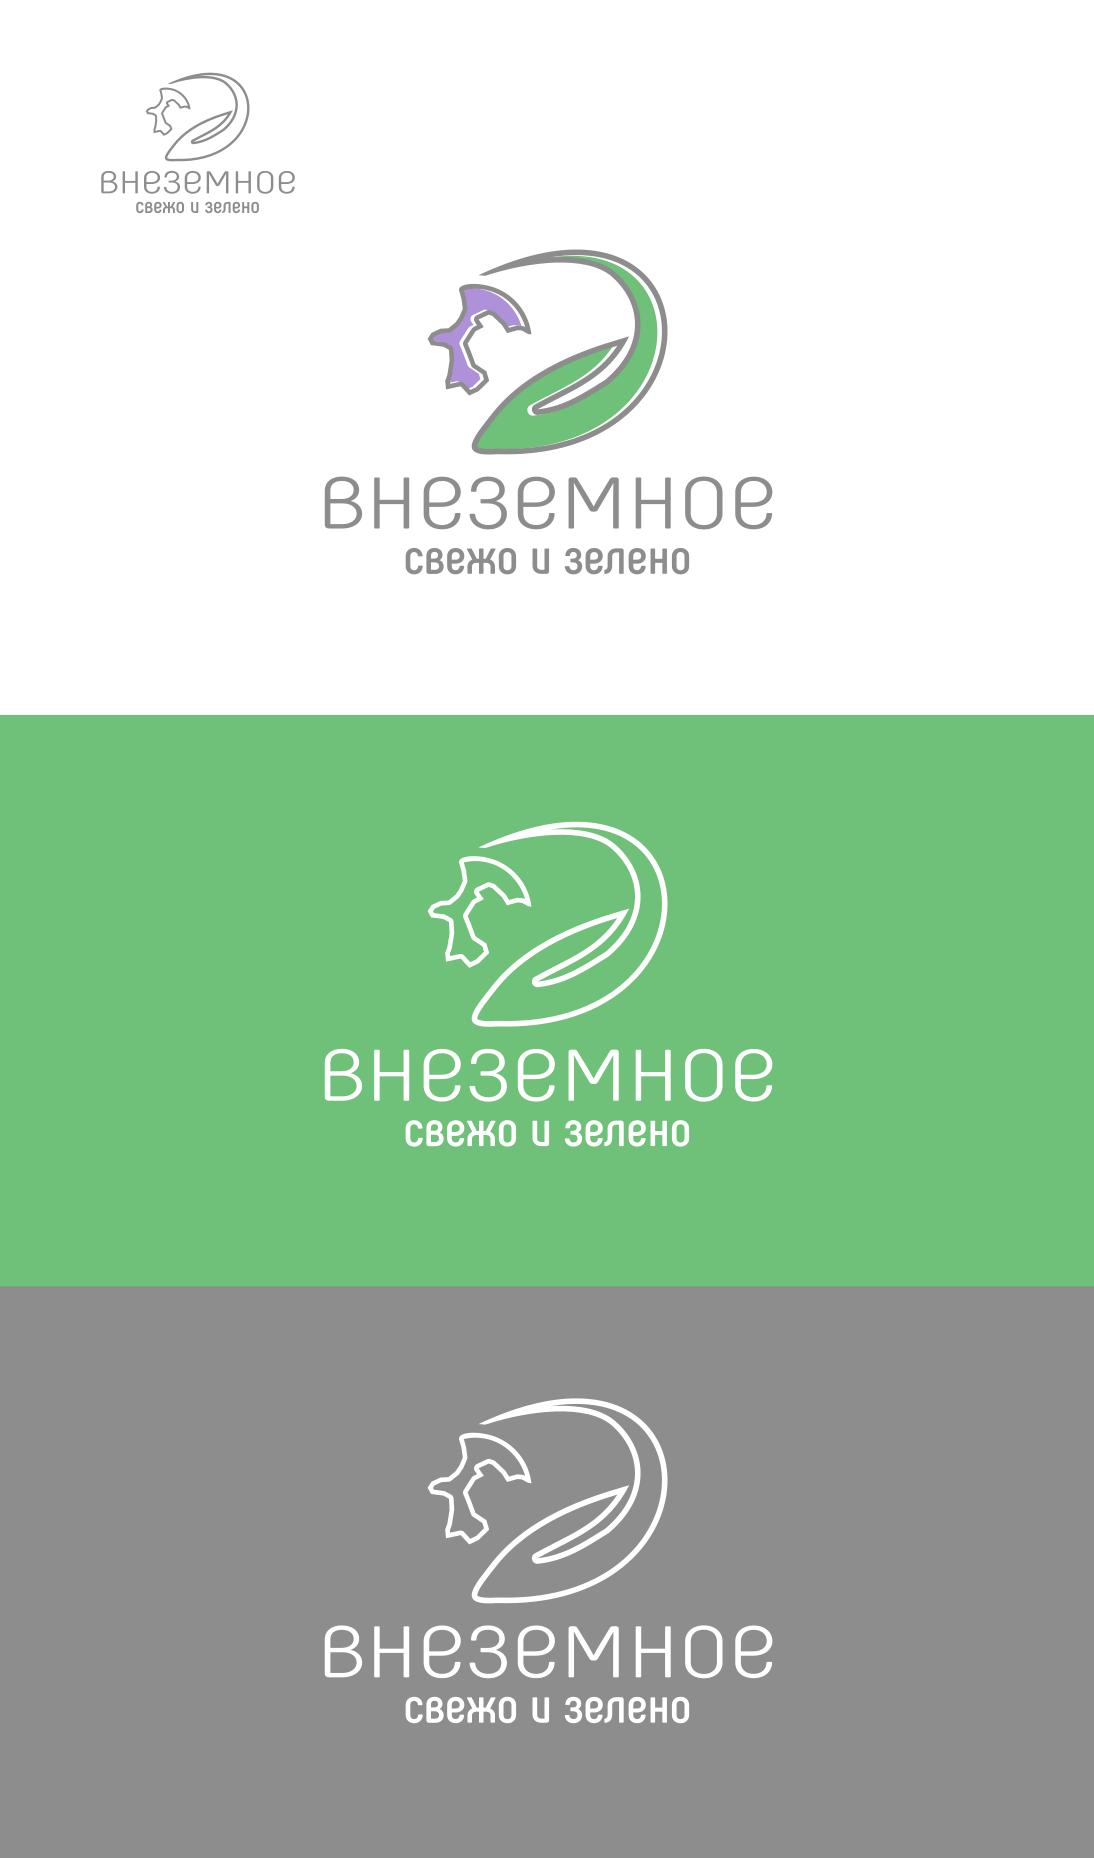 """Логотип и фирменный стиль """"Внеземное"""" фото f_6855e76989b7fa9b.png"""